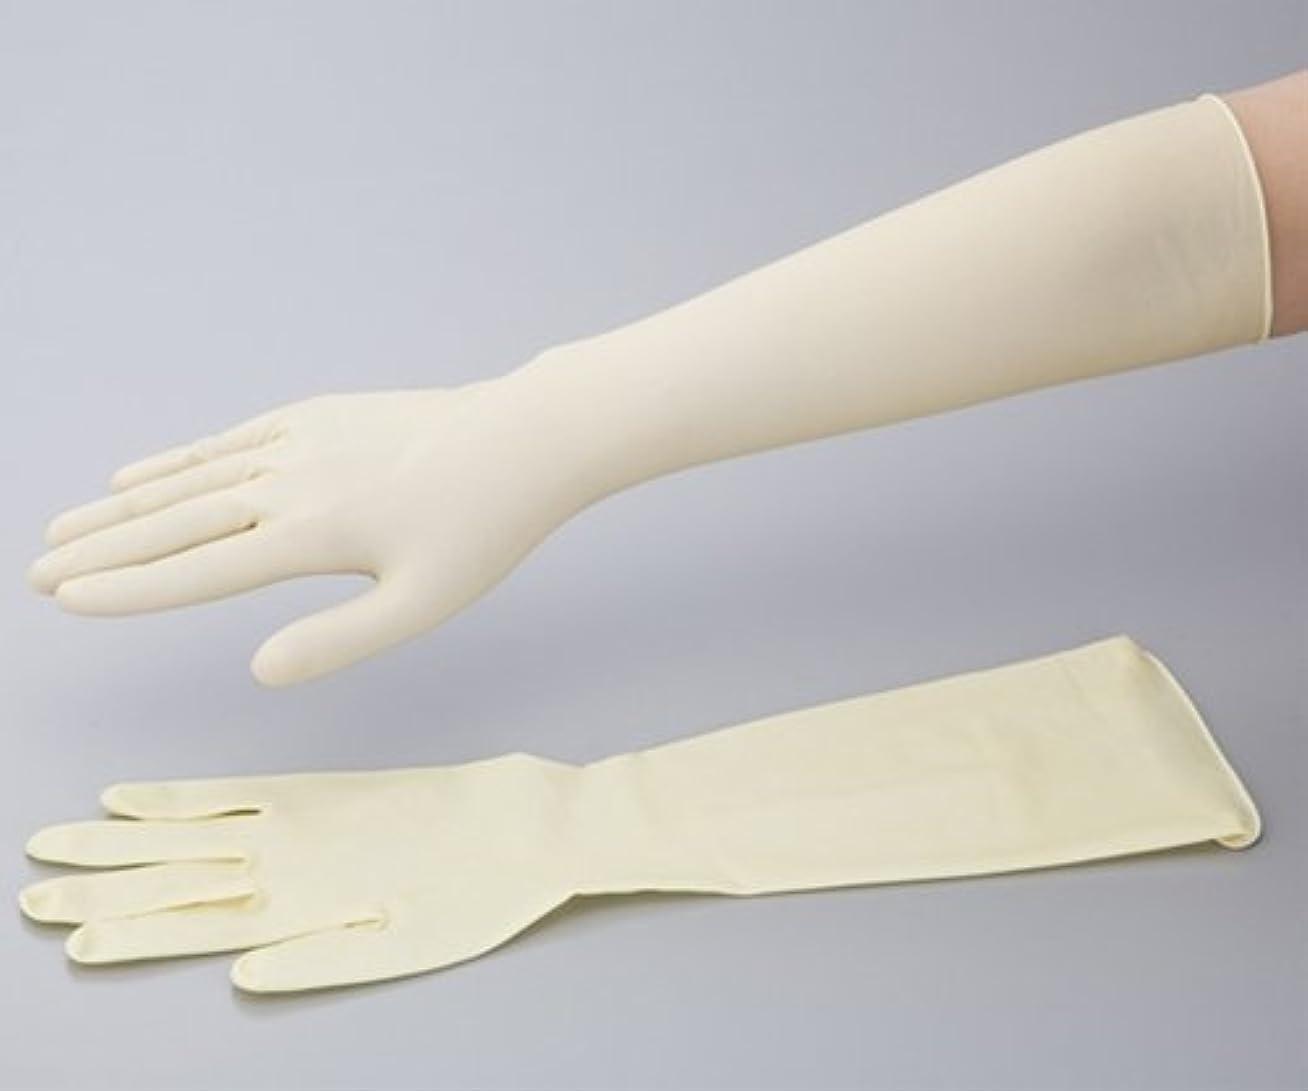 インタビュー単位請求書ラテックスロング手袋(スーパーロング)γ線滅菌済 S 50枚入り /0-6111-03